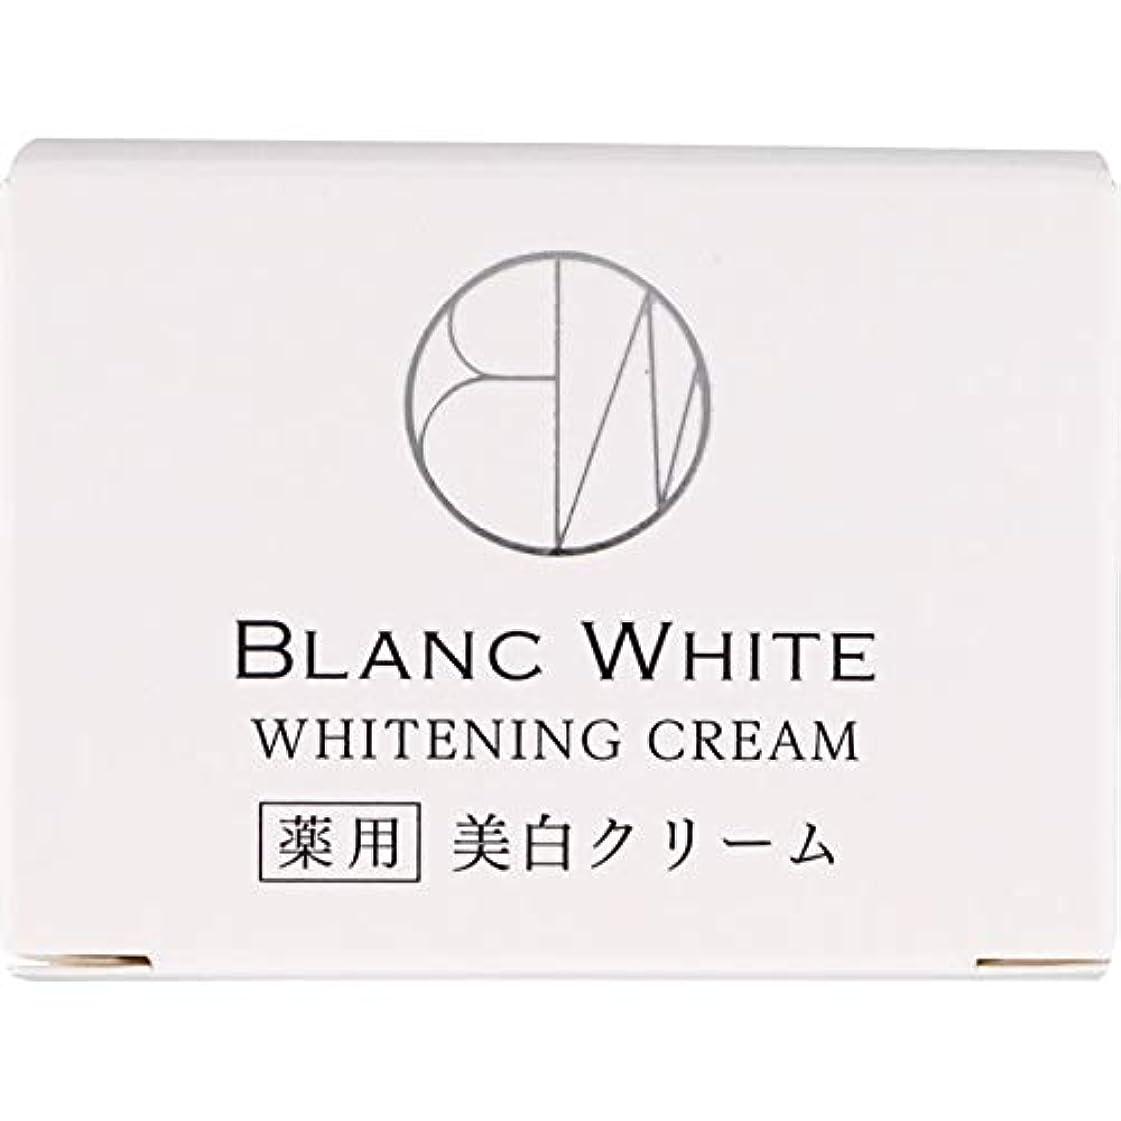 ビザぶどう買い手ブランホワイト ホワイトニング クリーム 45g